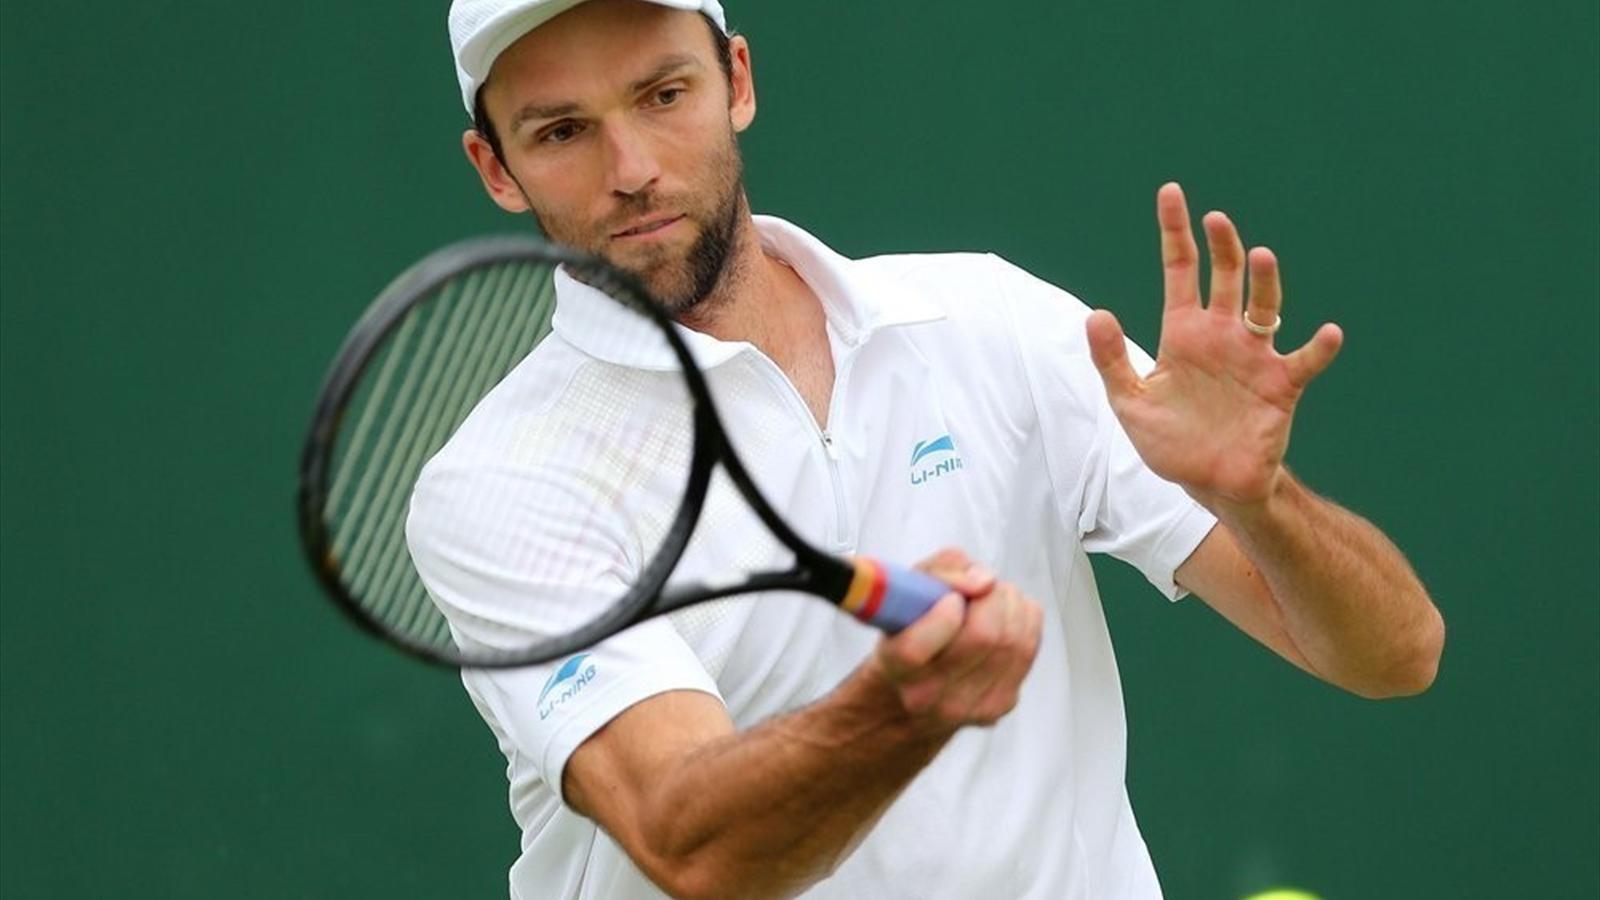 tennisstar ivo karlovic knackt asse-weltrekord von goran ivanisevic - tennis